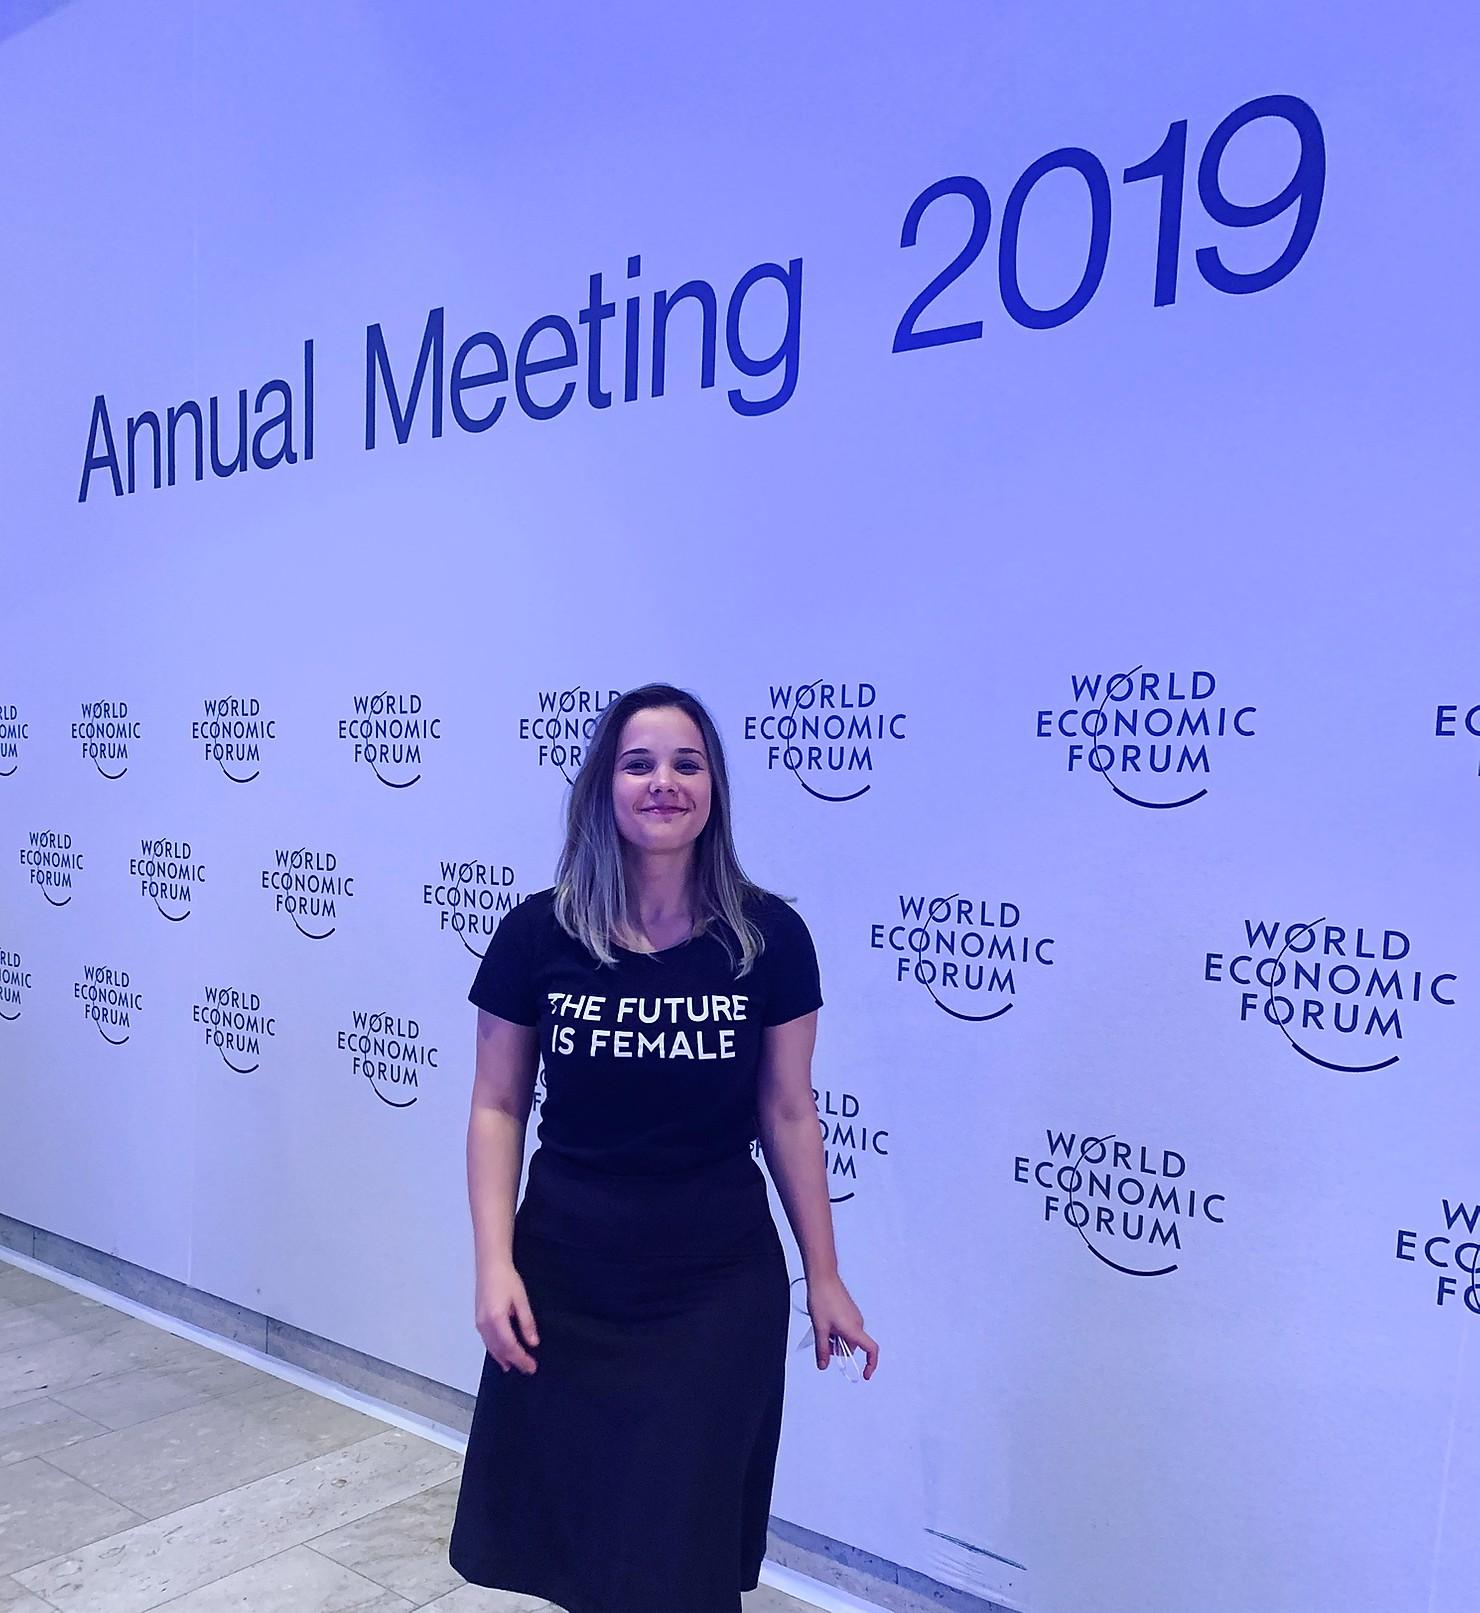 Fundadora da Blend Edu durante o Encontro Anual do Fórum Econômico Mundial em 2019